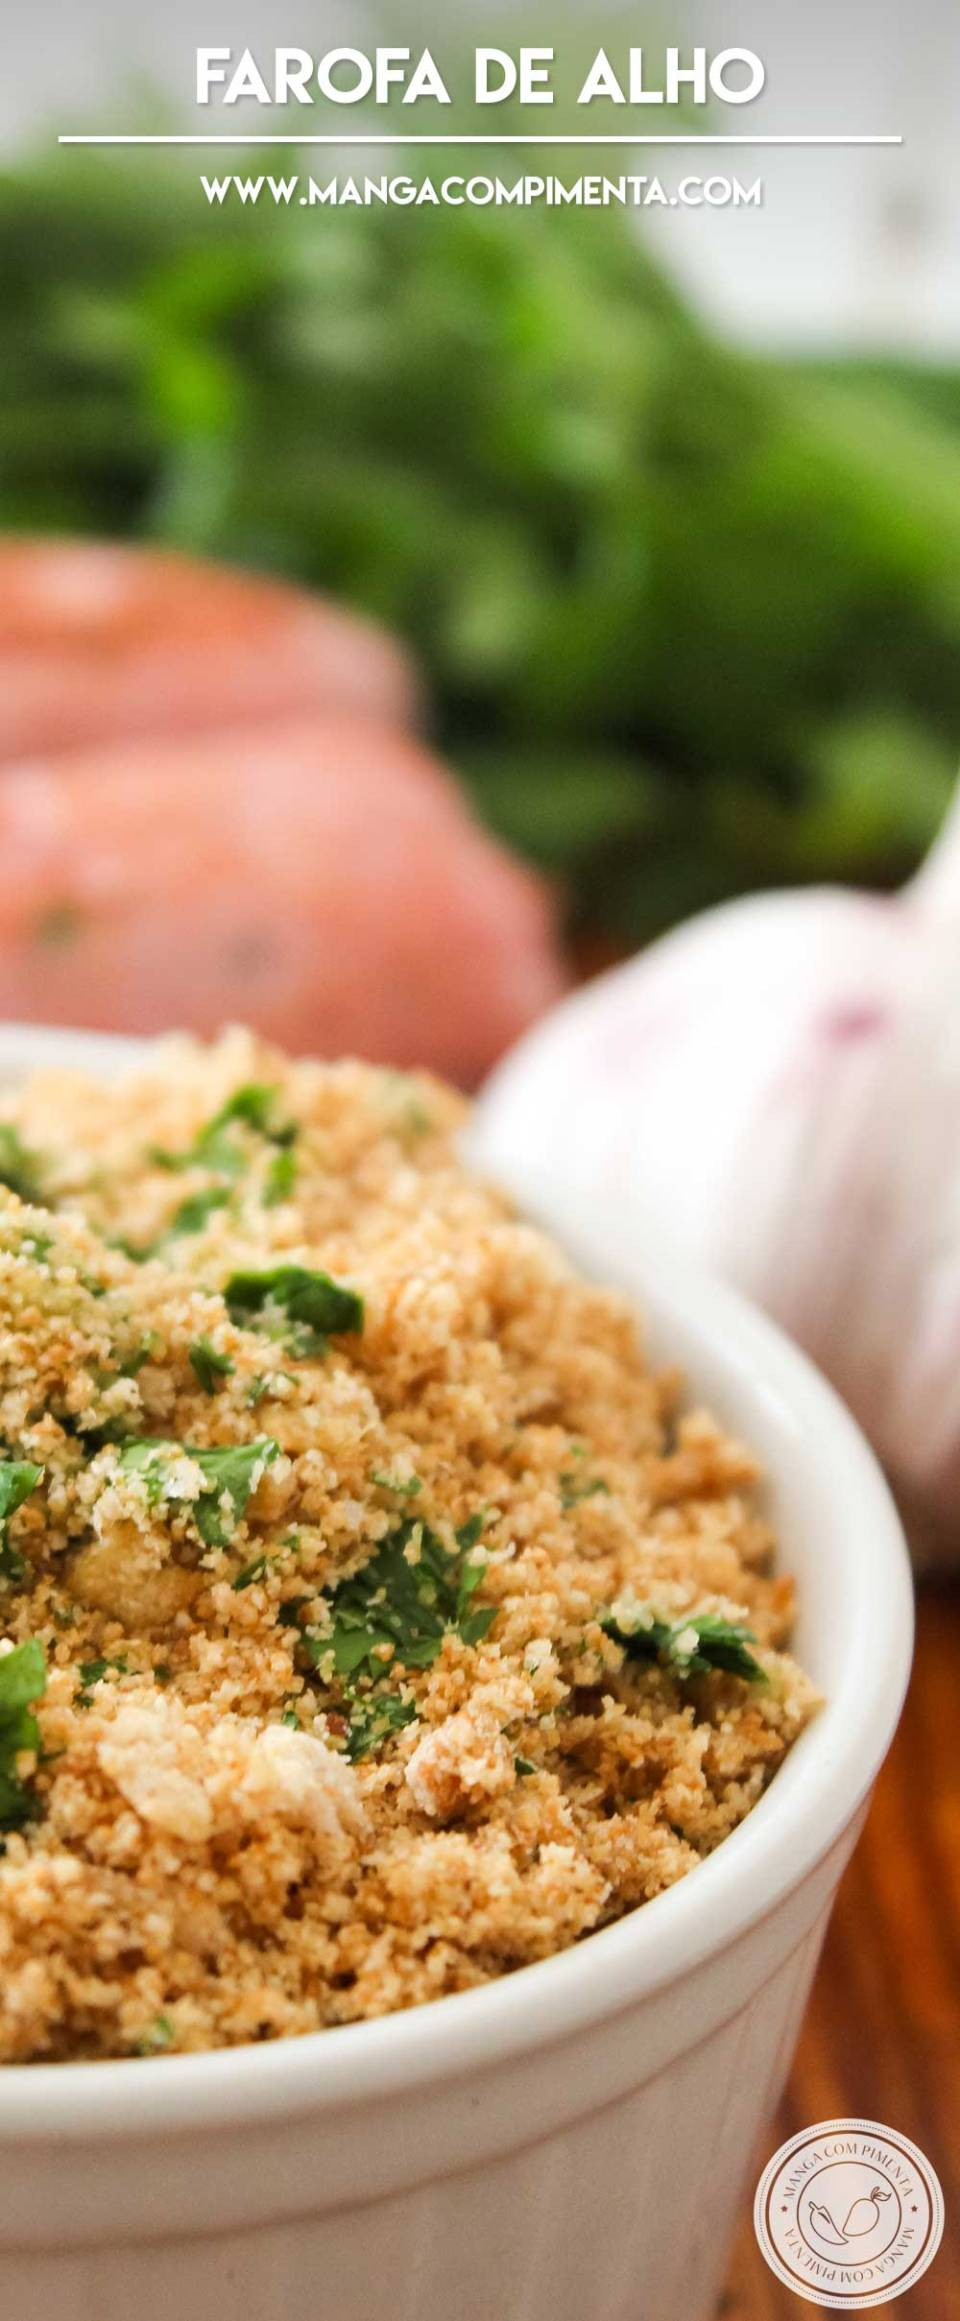 Receita de Farofa de Alho - super fácil de fazer, perfeito para o churrasco ou frango assado do final de semana!